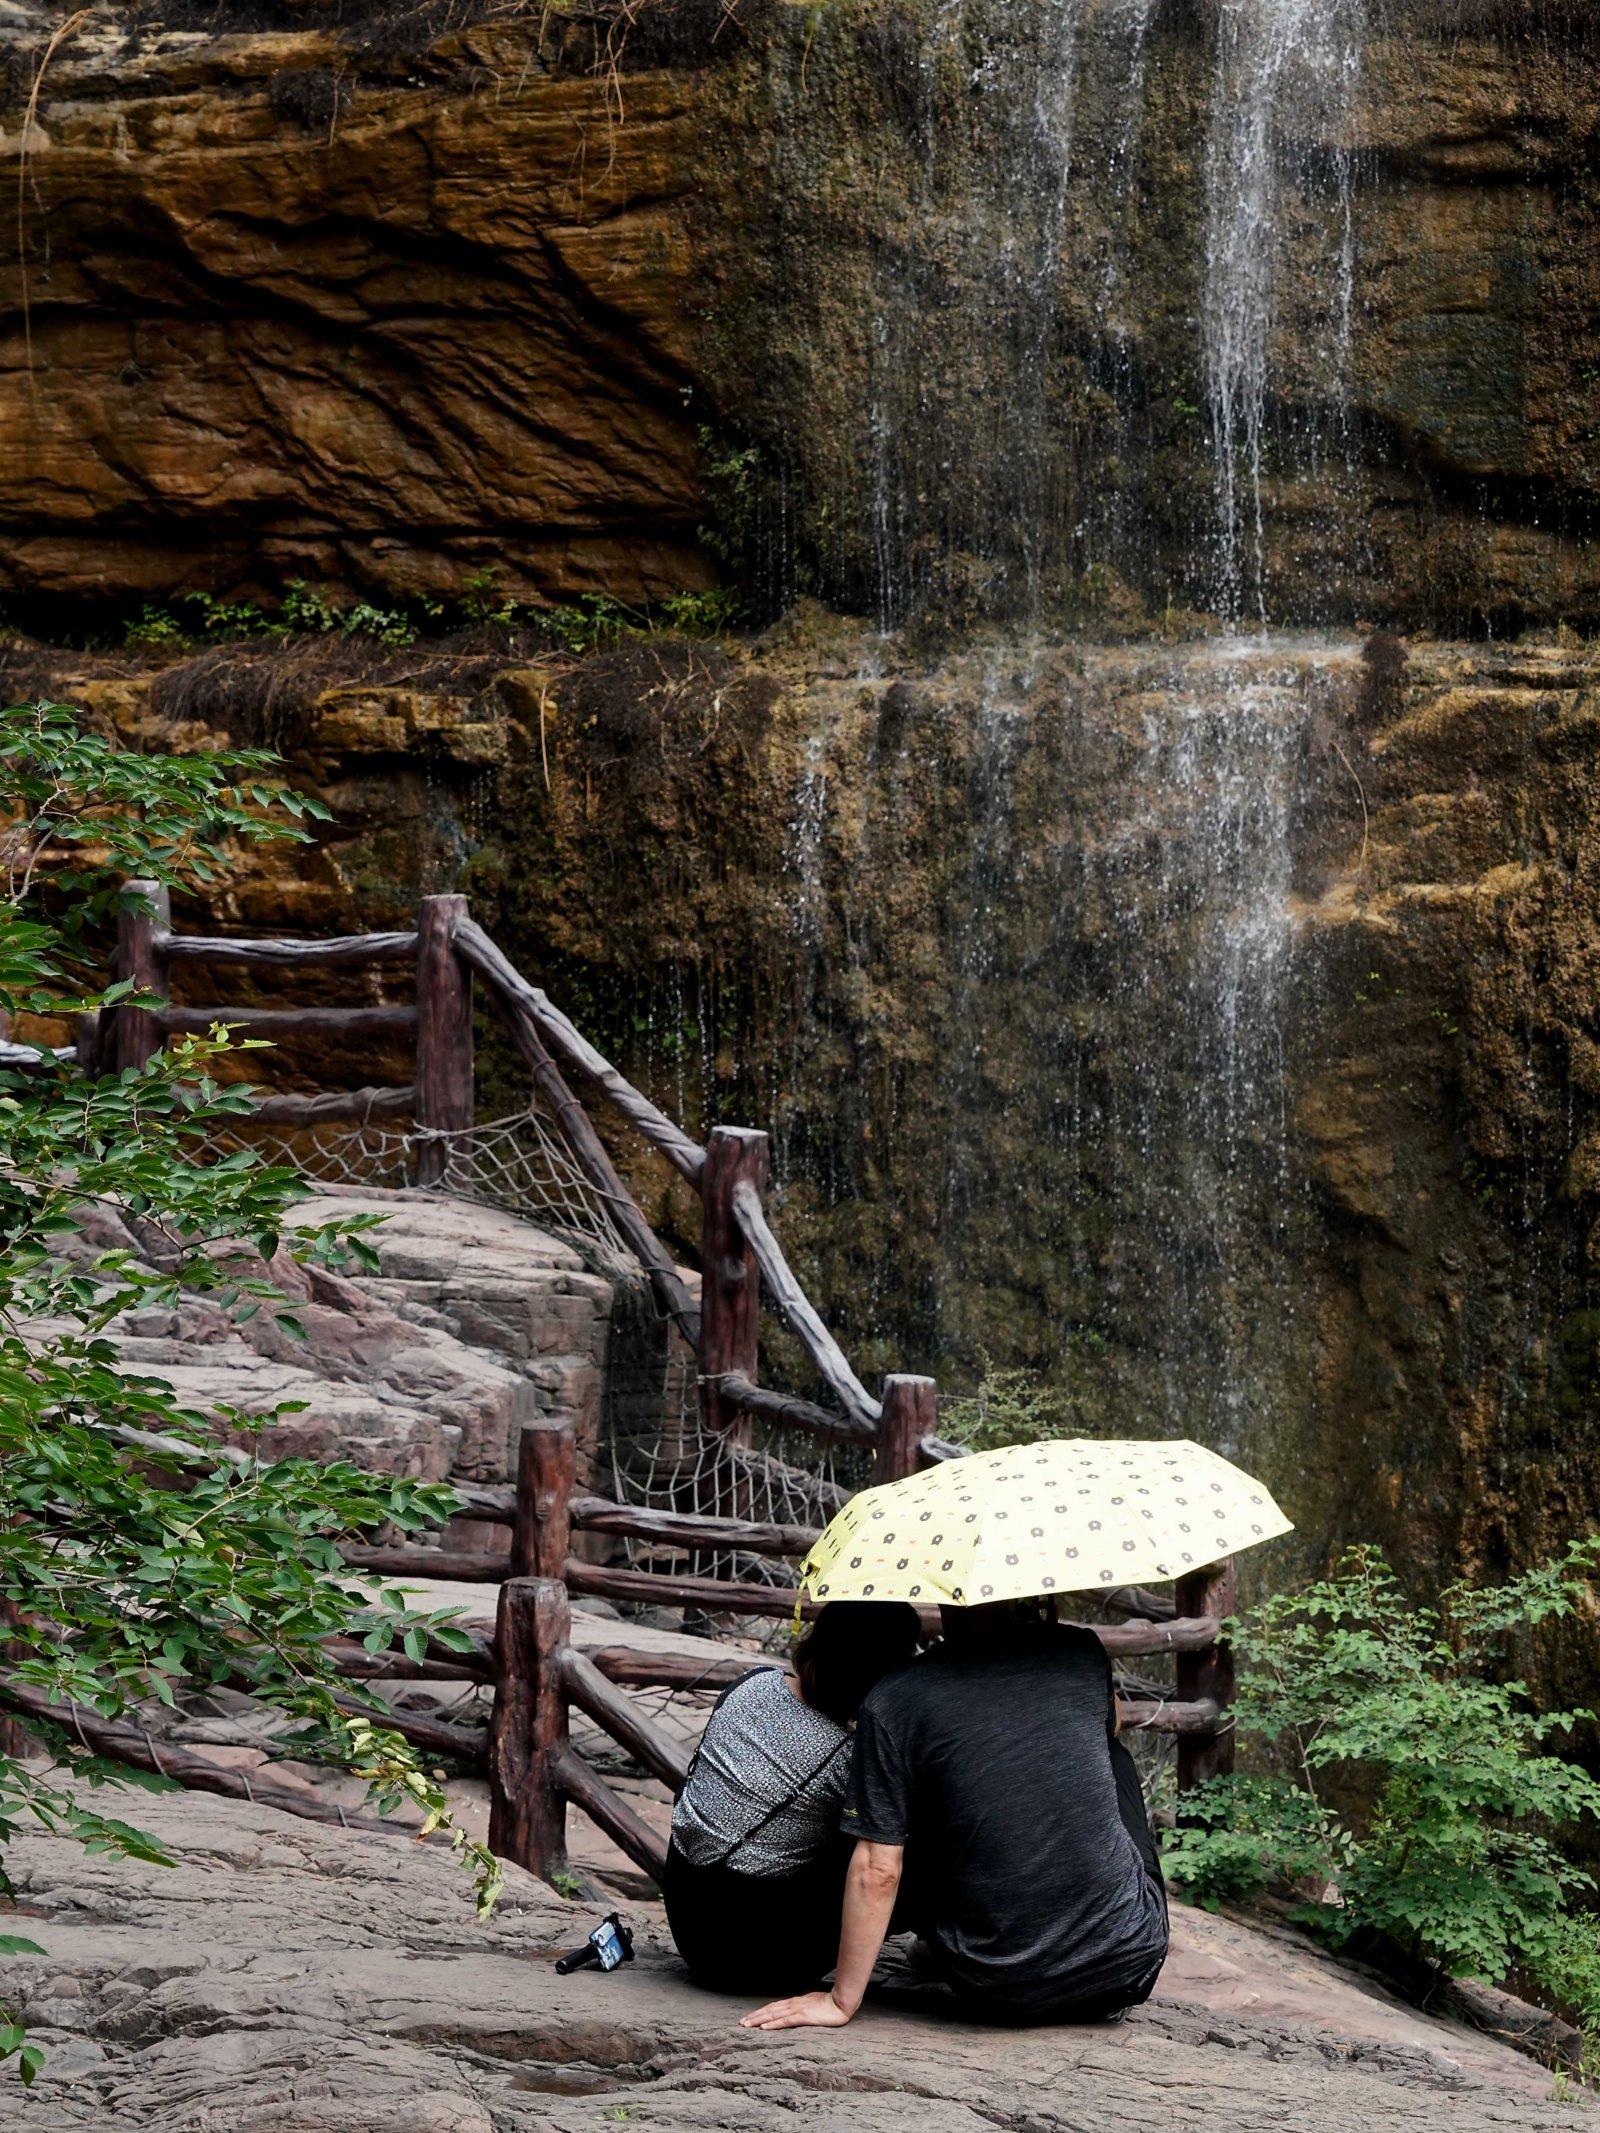 6月10日,遊客在雲台山紅石峽景區賞景。(新華社)